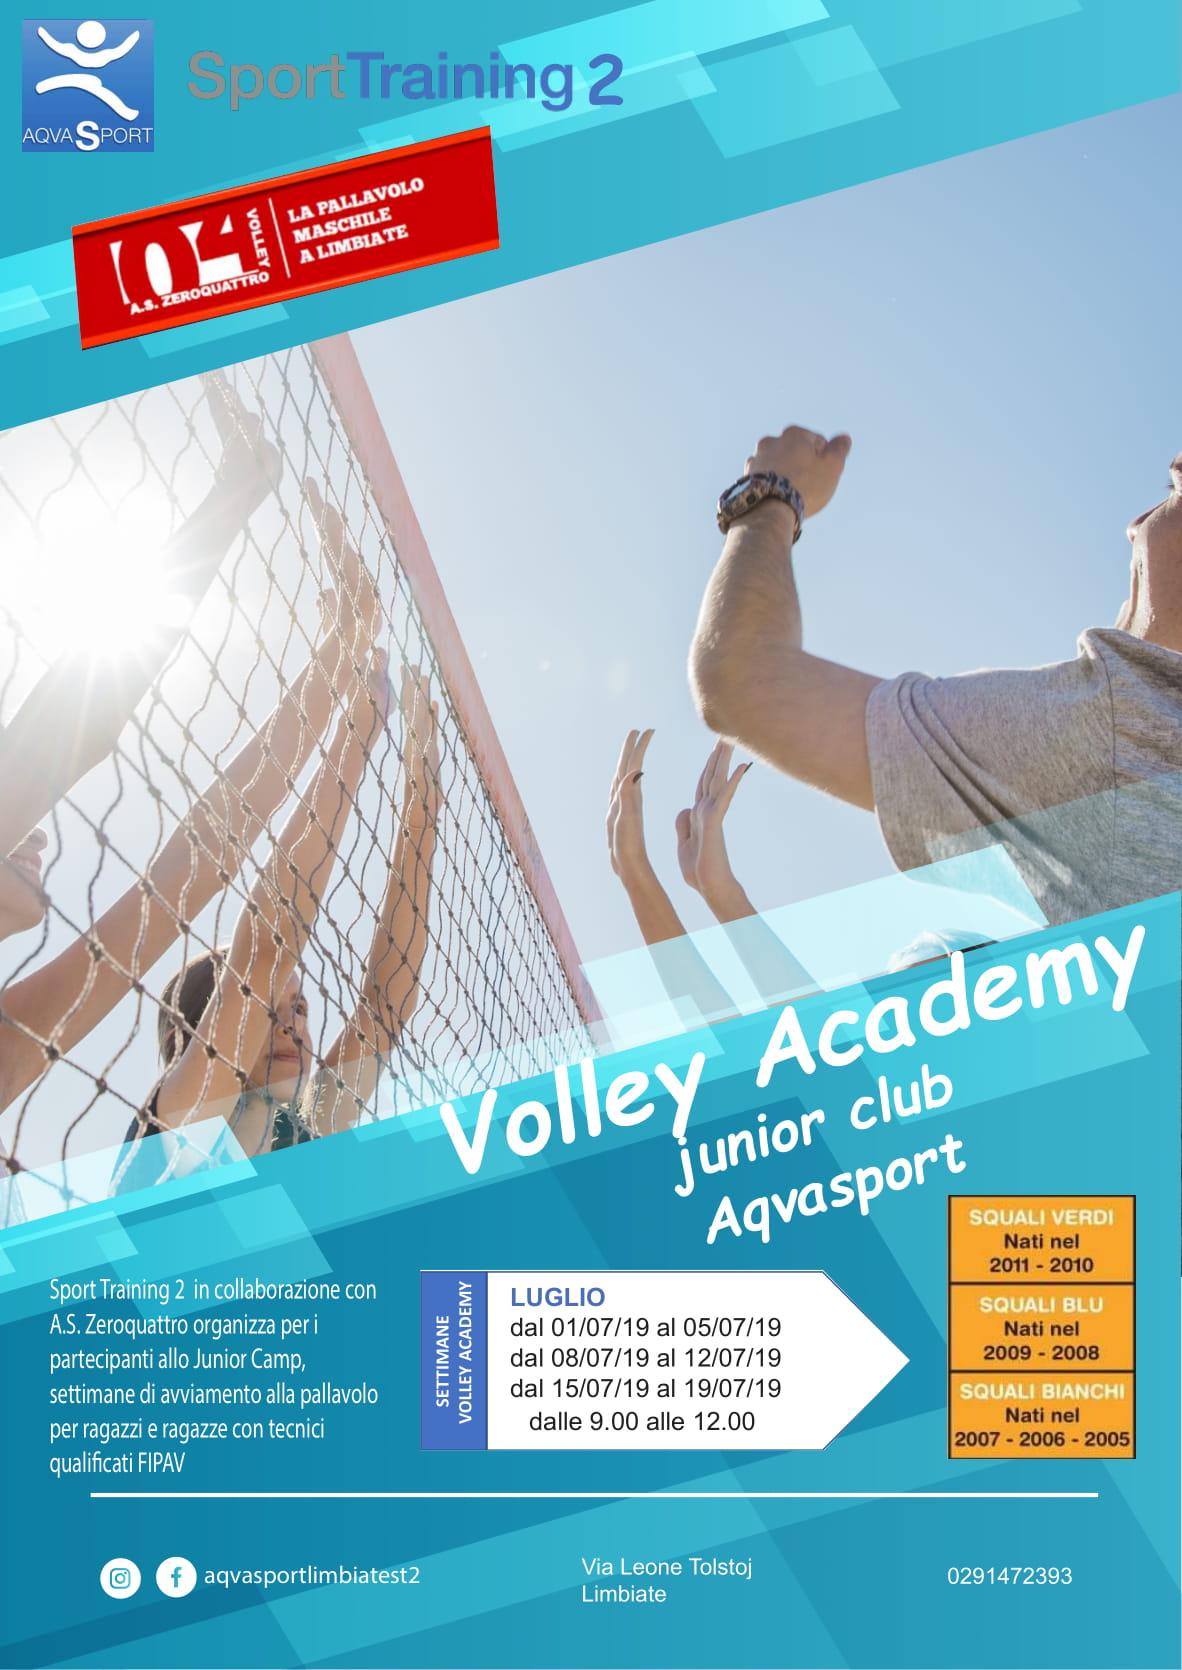 Volley accademy junior club Aqvasport